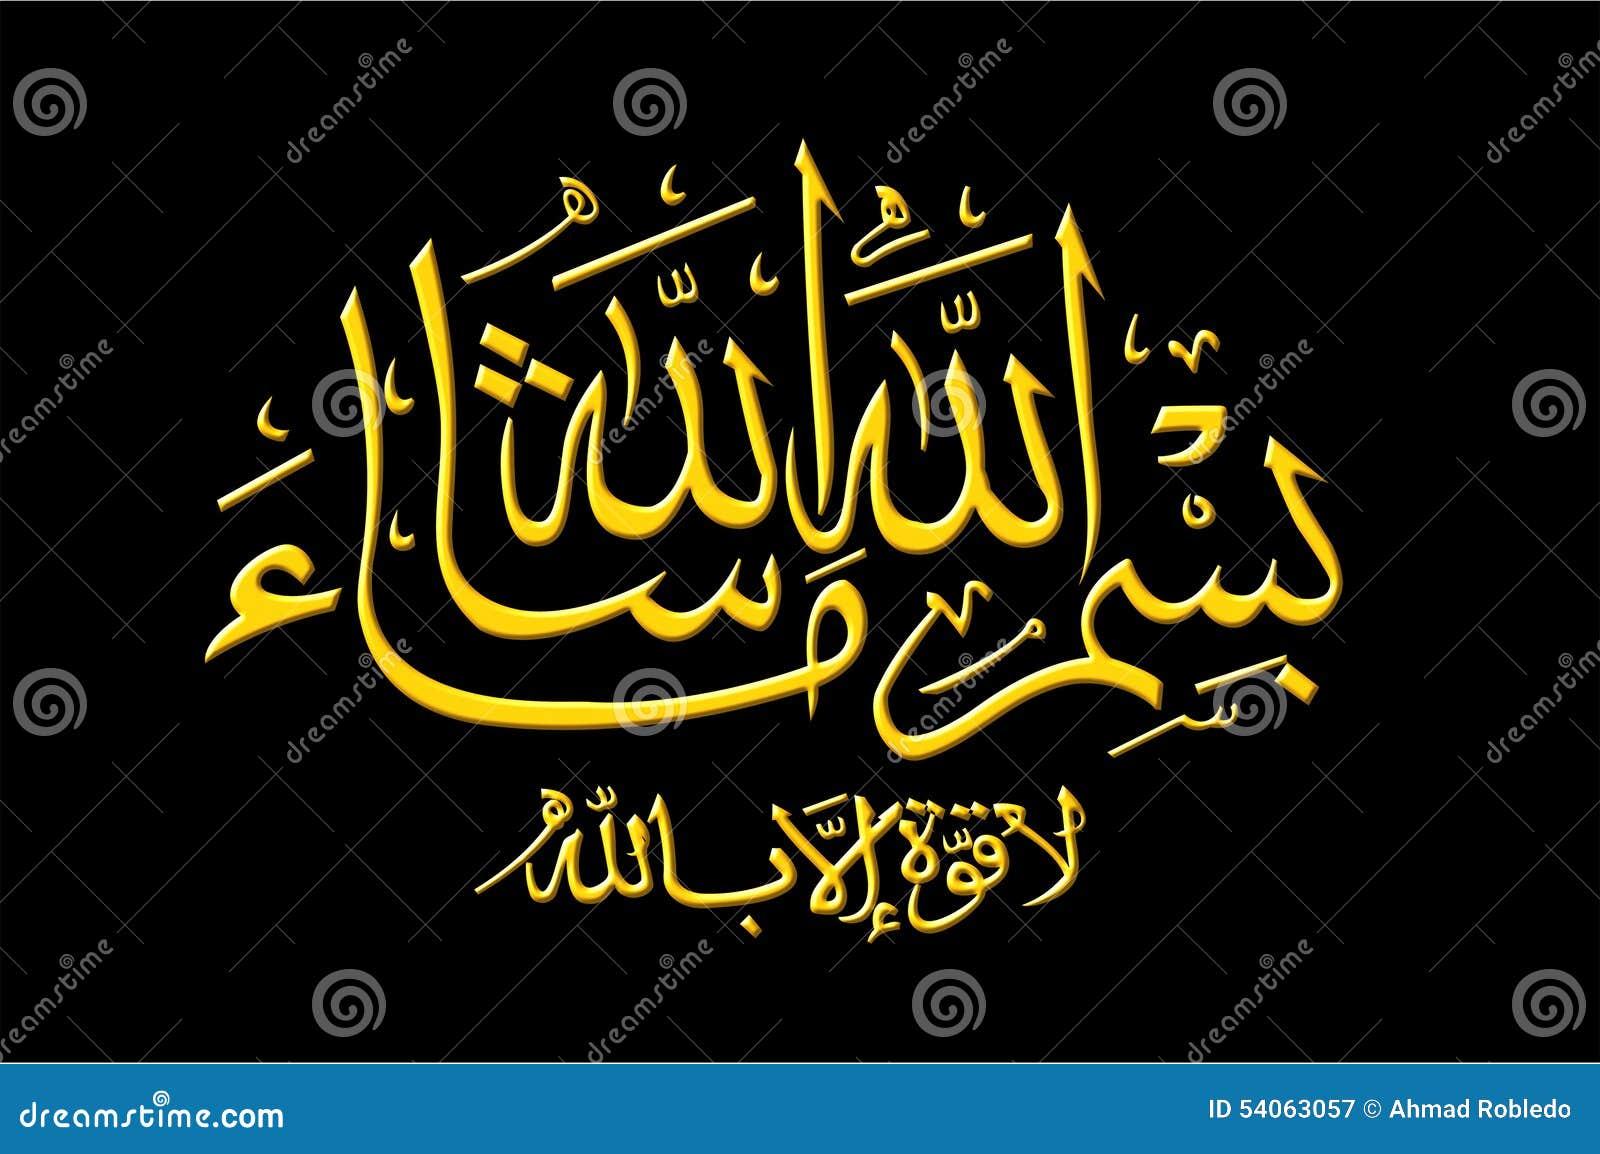 Bismillahi Masha Allah